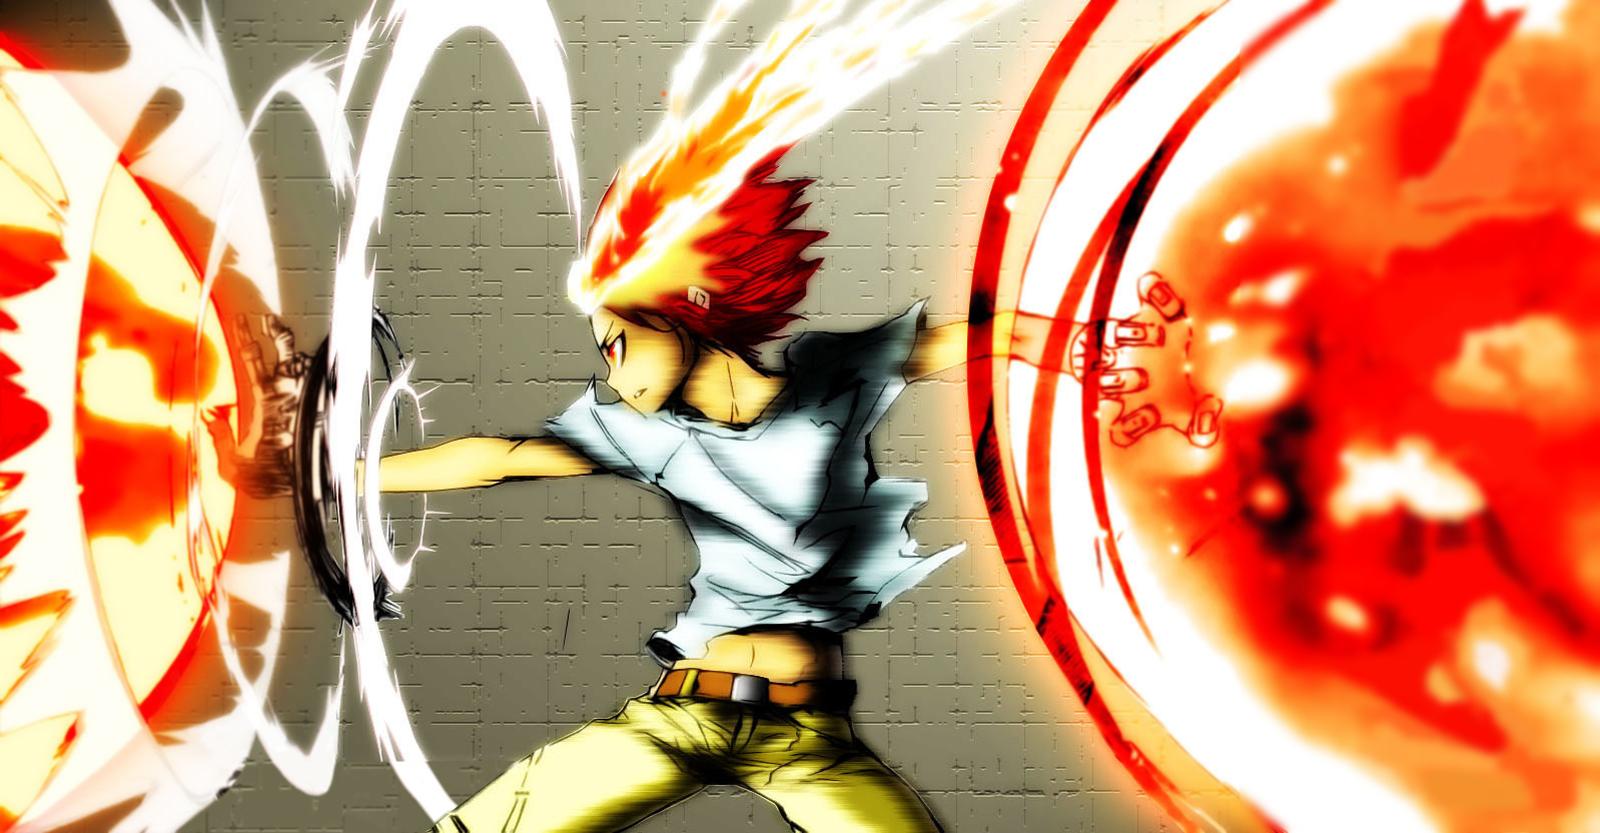 Free Download Katekyo Hitman Reborn Tsuna Anime Glove Flame Hd